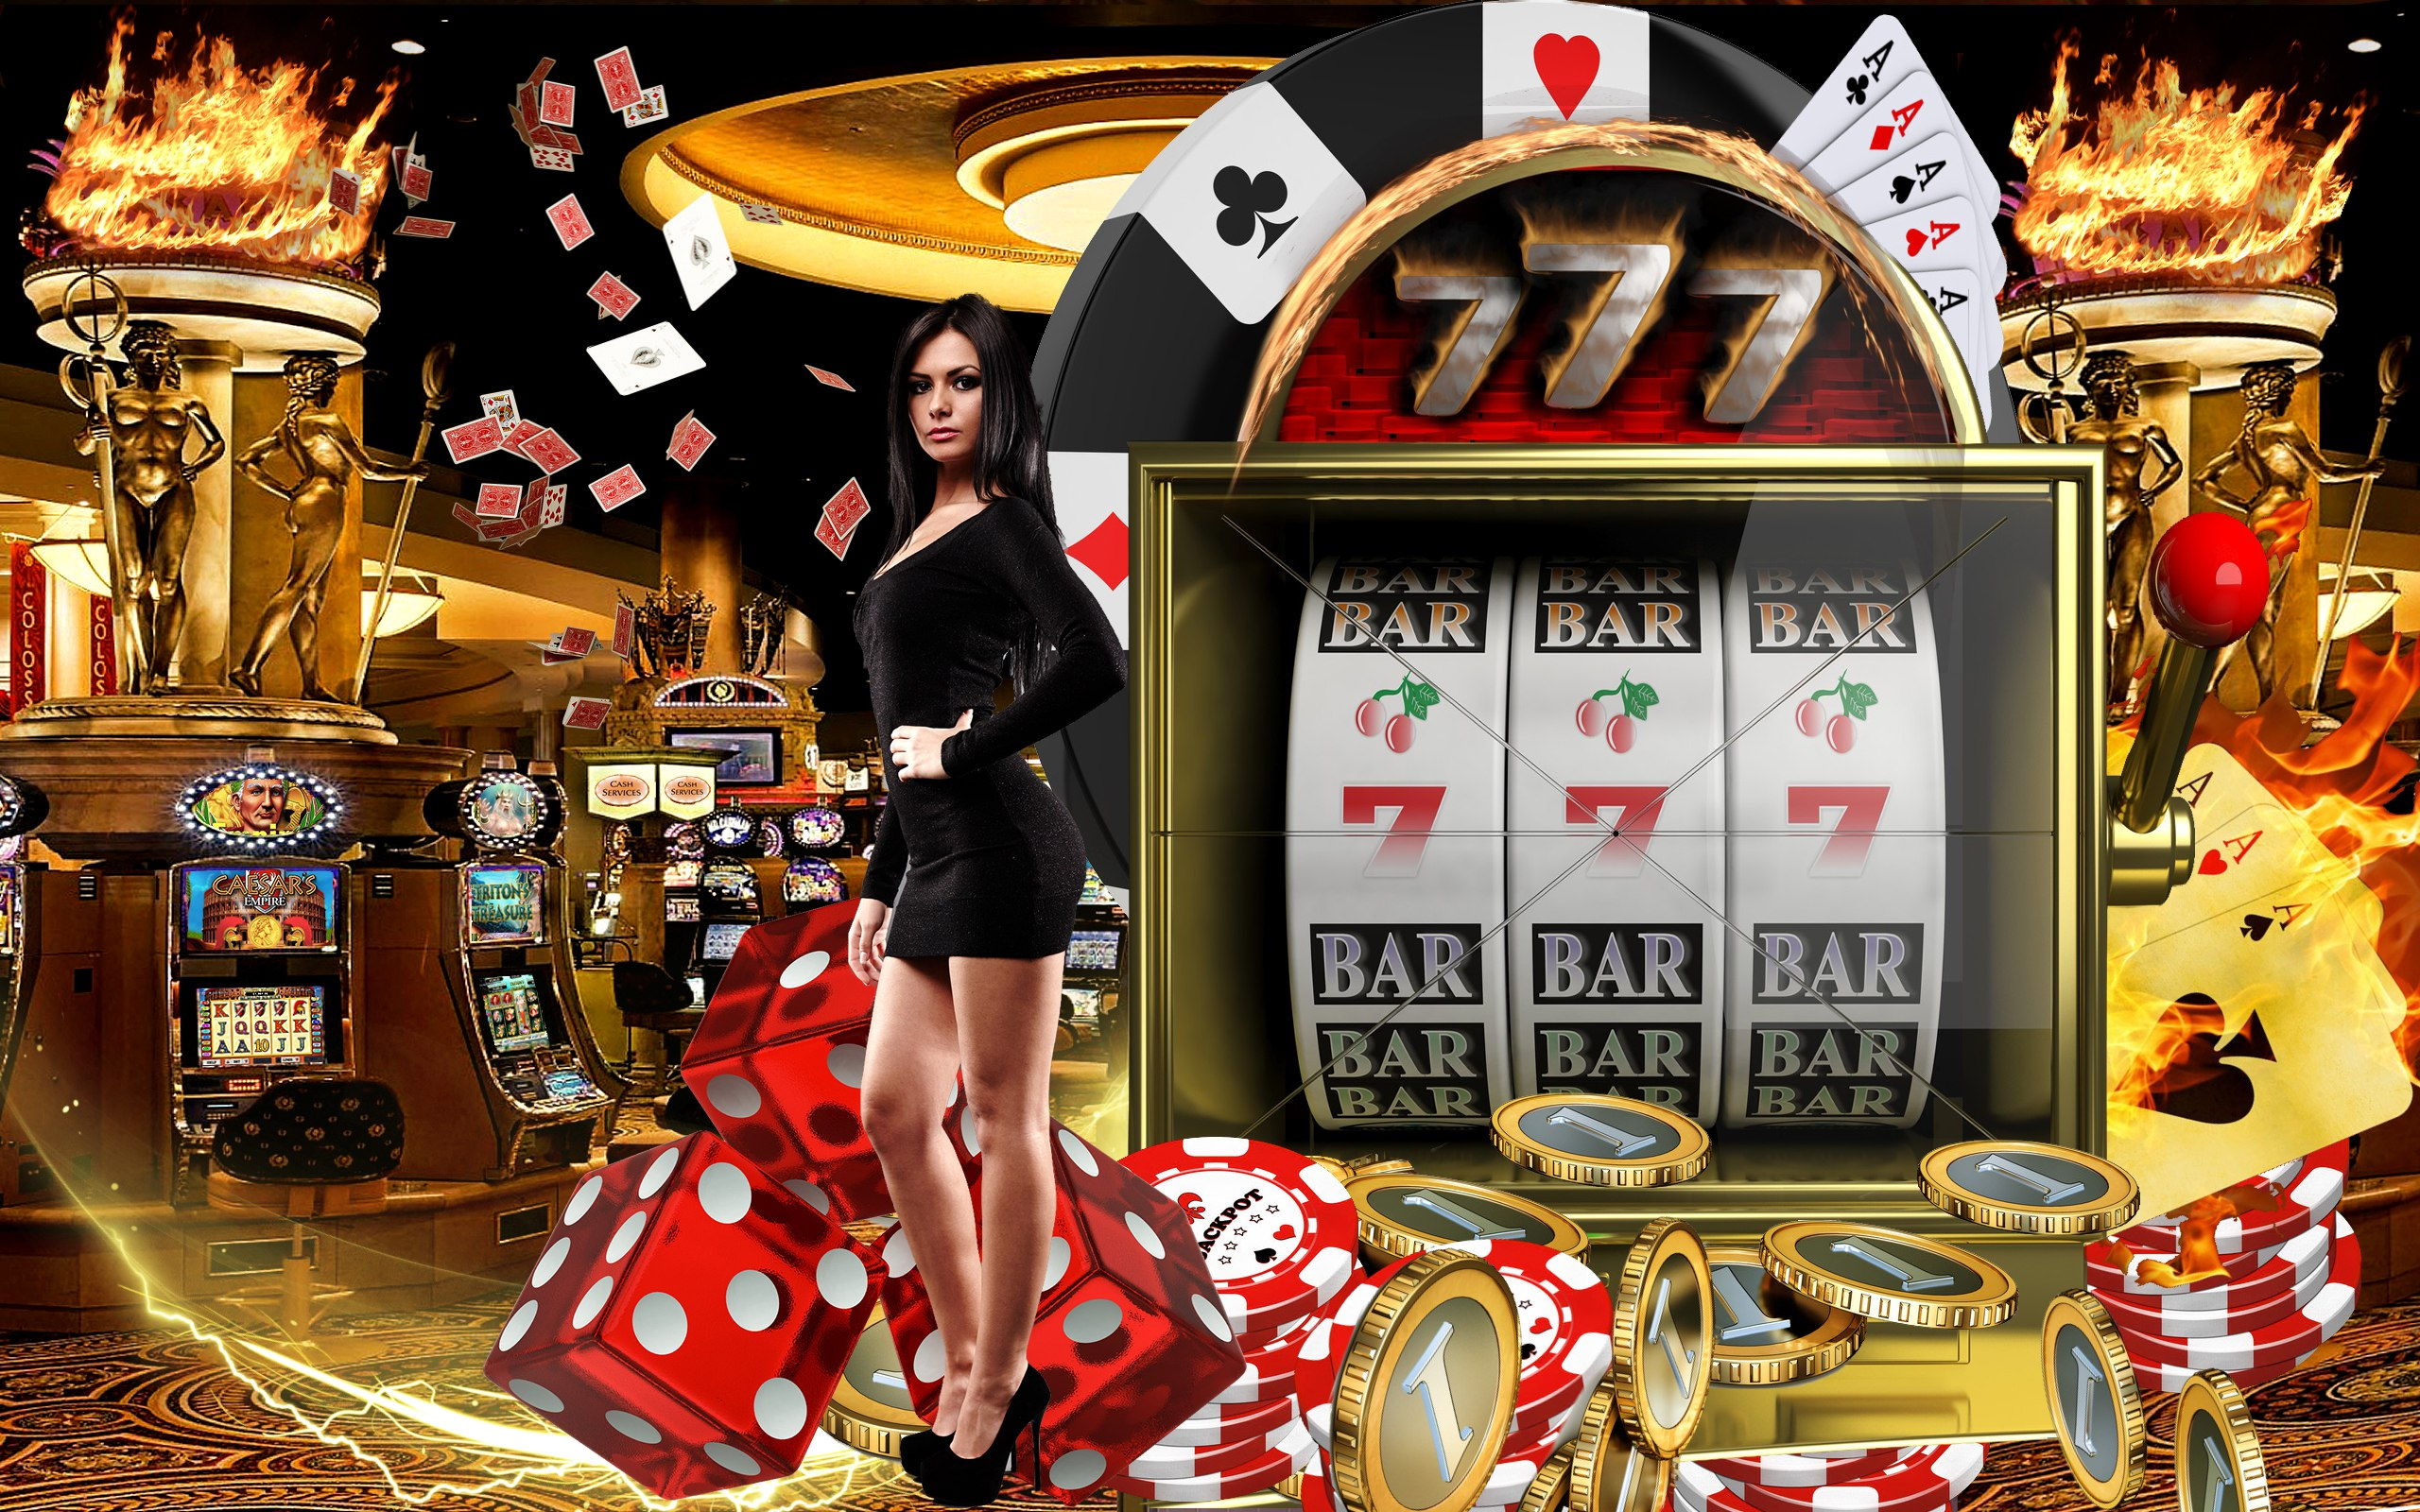 Программное обеспечение для интернет-казино под ключ